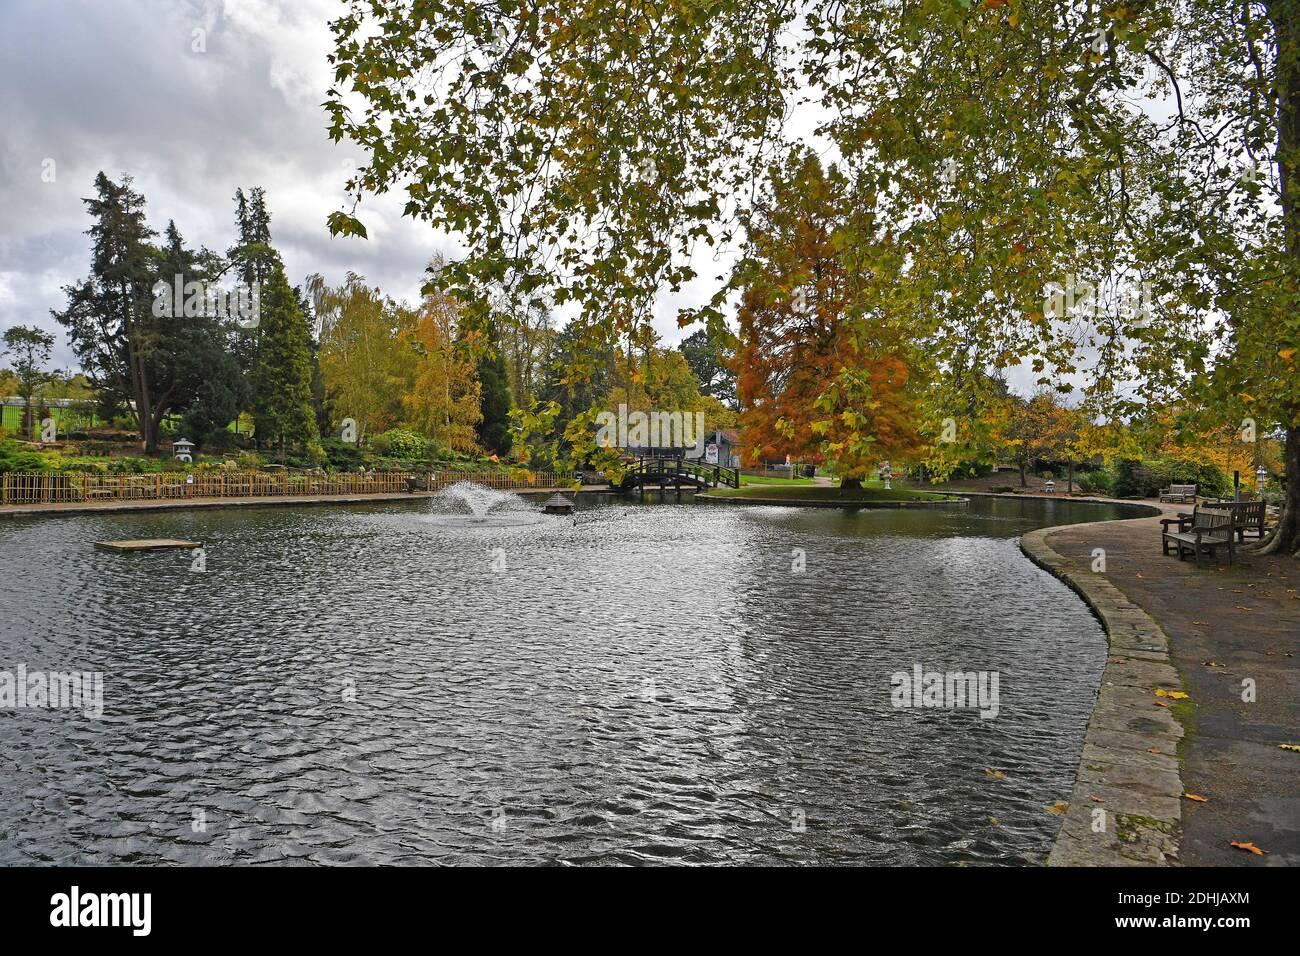 Dans le parc Stoke, Guildford - couleurs automnales, les travaux continuent de restaurer et d'améliorer les jardins orientaux. Guildford, Surrey. Photo prise le 20 octobre 2020 Banque D'Images